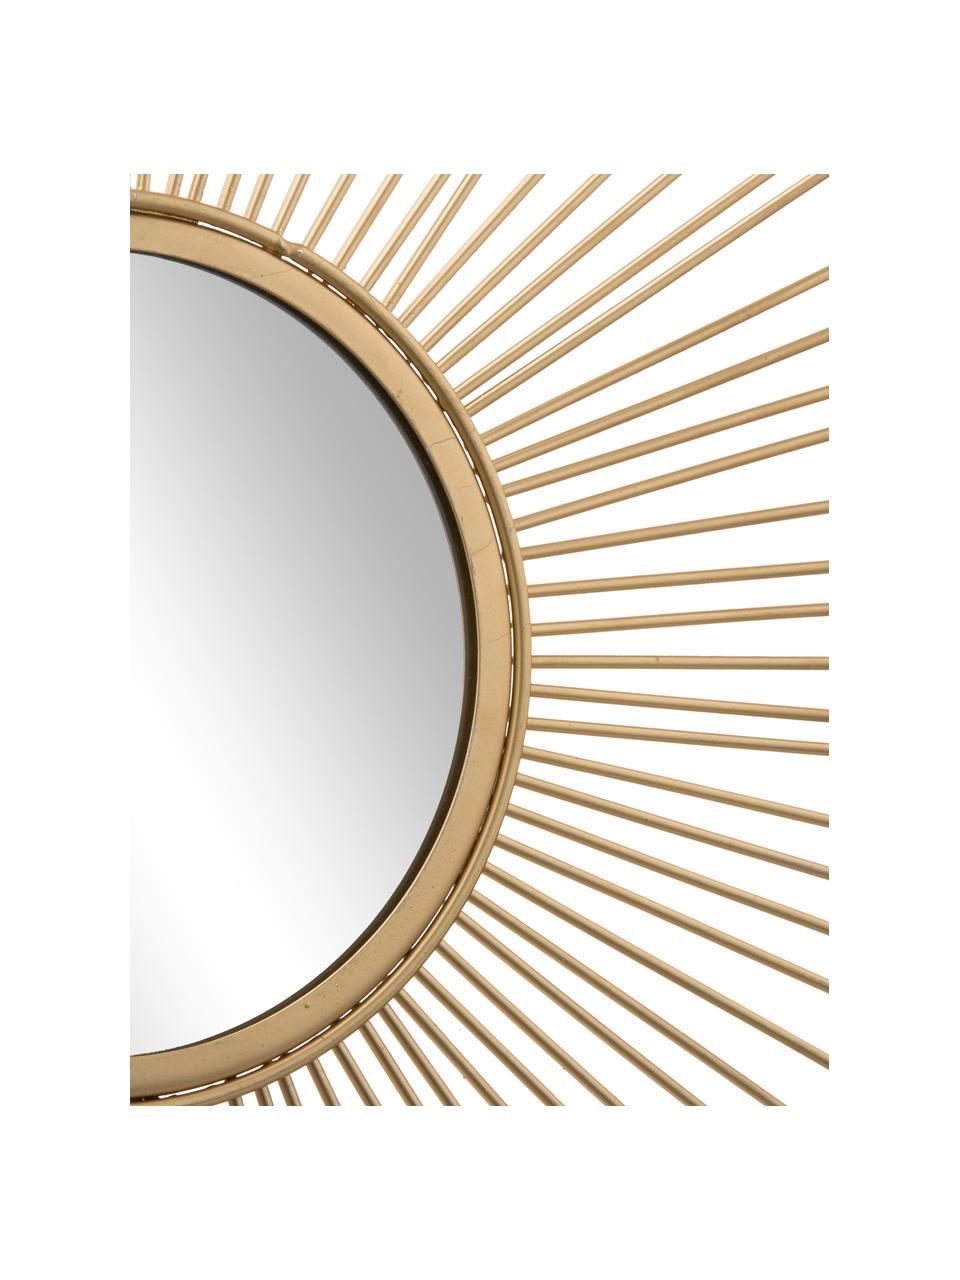 Miroir soleil doré Brooklyn, Cadre: couleur dorée Surface réfléchissante: verre miroir